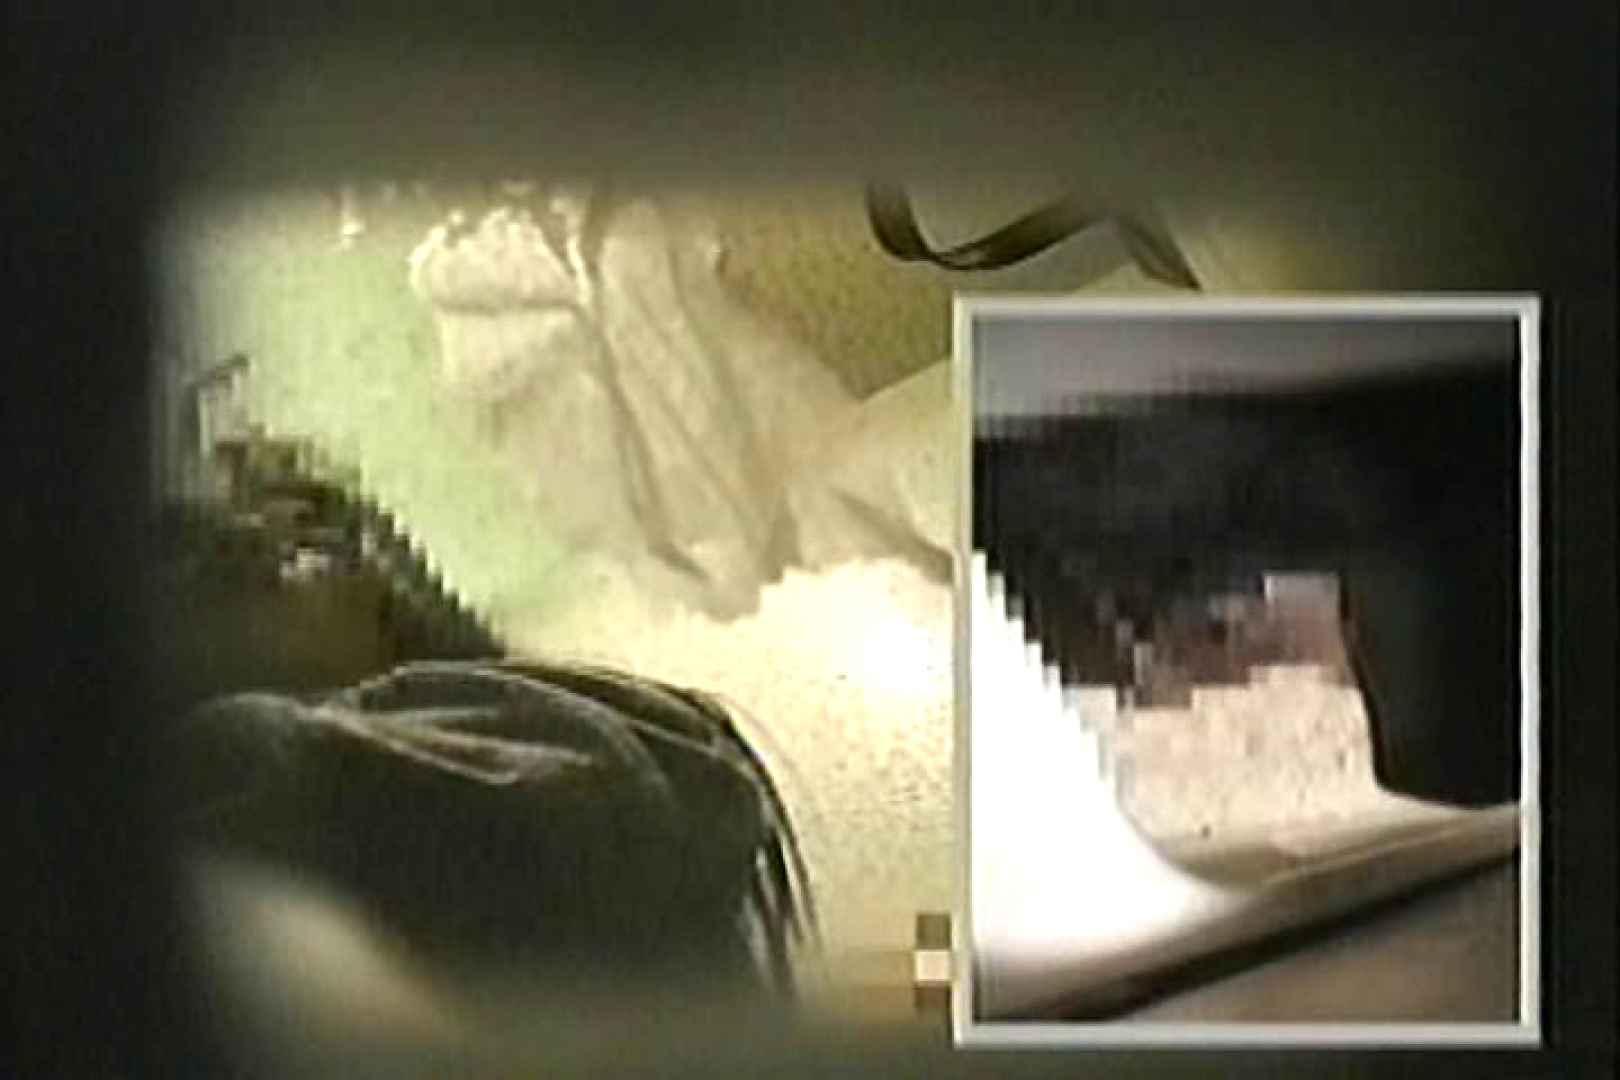 女子洗面所盗撮 今度の2カメは若い子だらけ  TK-127 S級美女ギャル AV無料 91画像 82